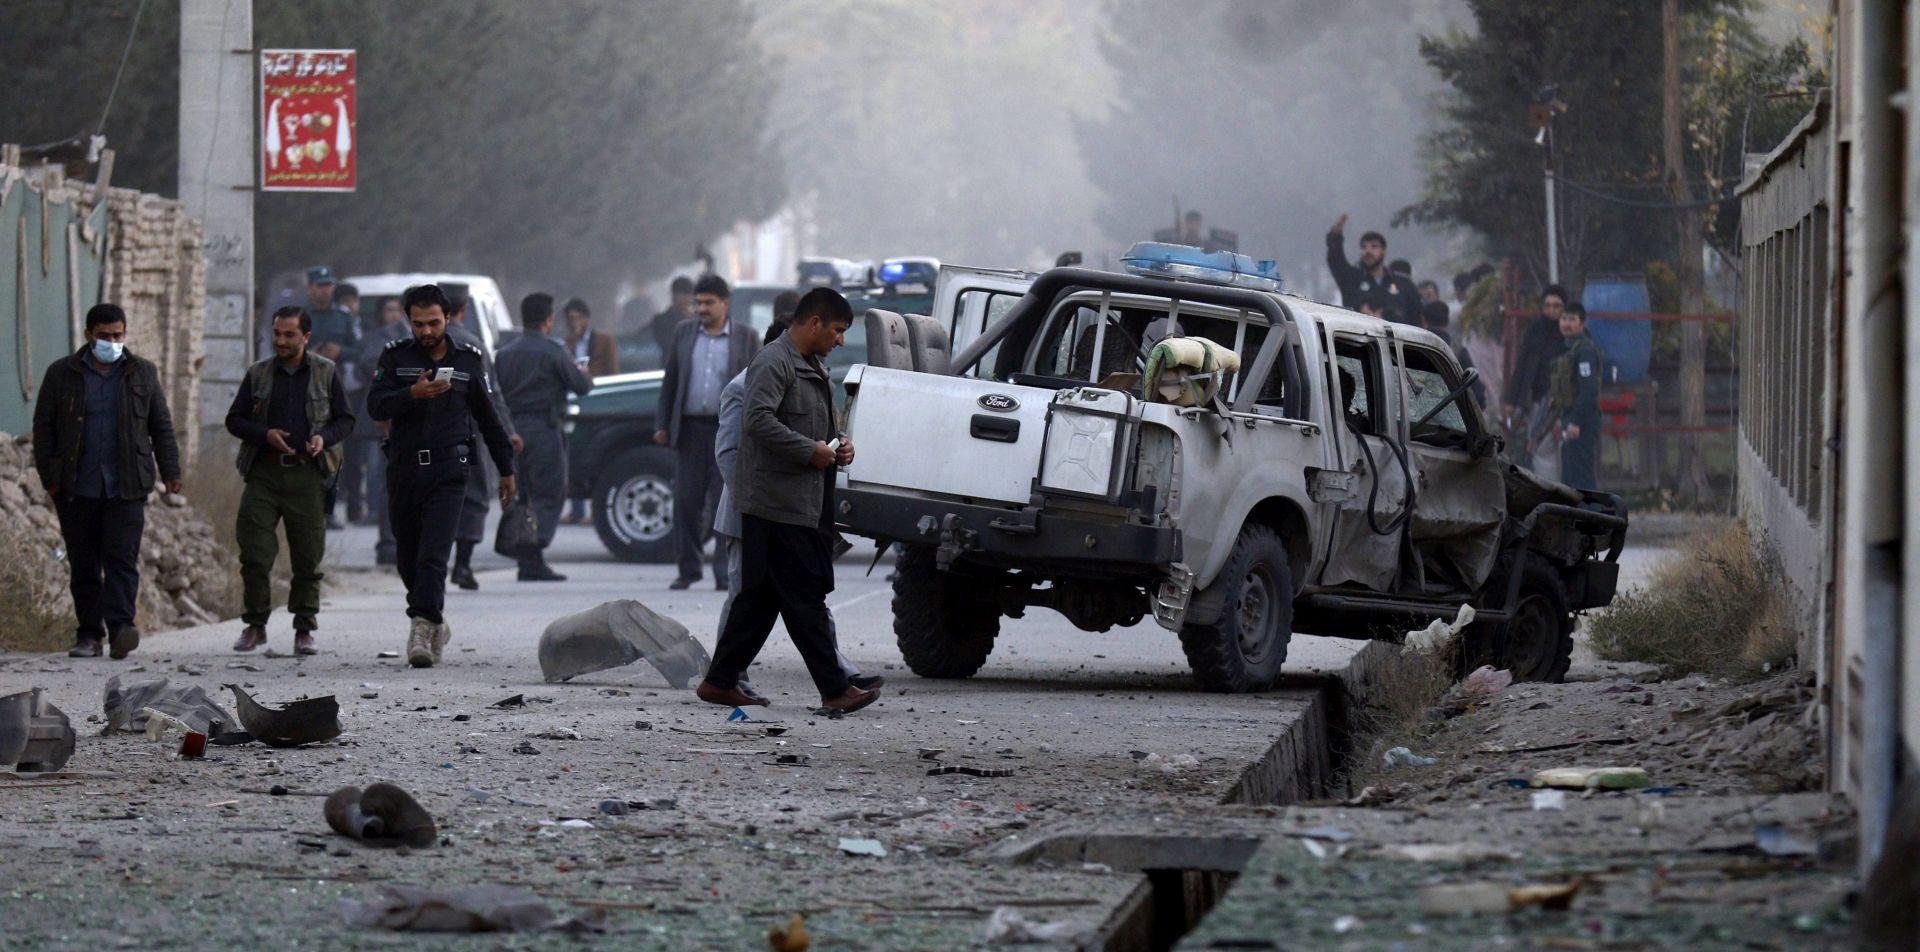 KABUL Bombaš samoubojica ubio najmanje 4 pripadnika nacionalne sigurnosti